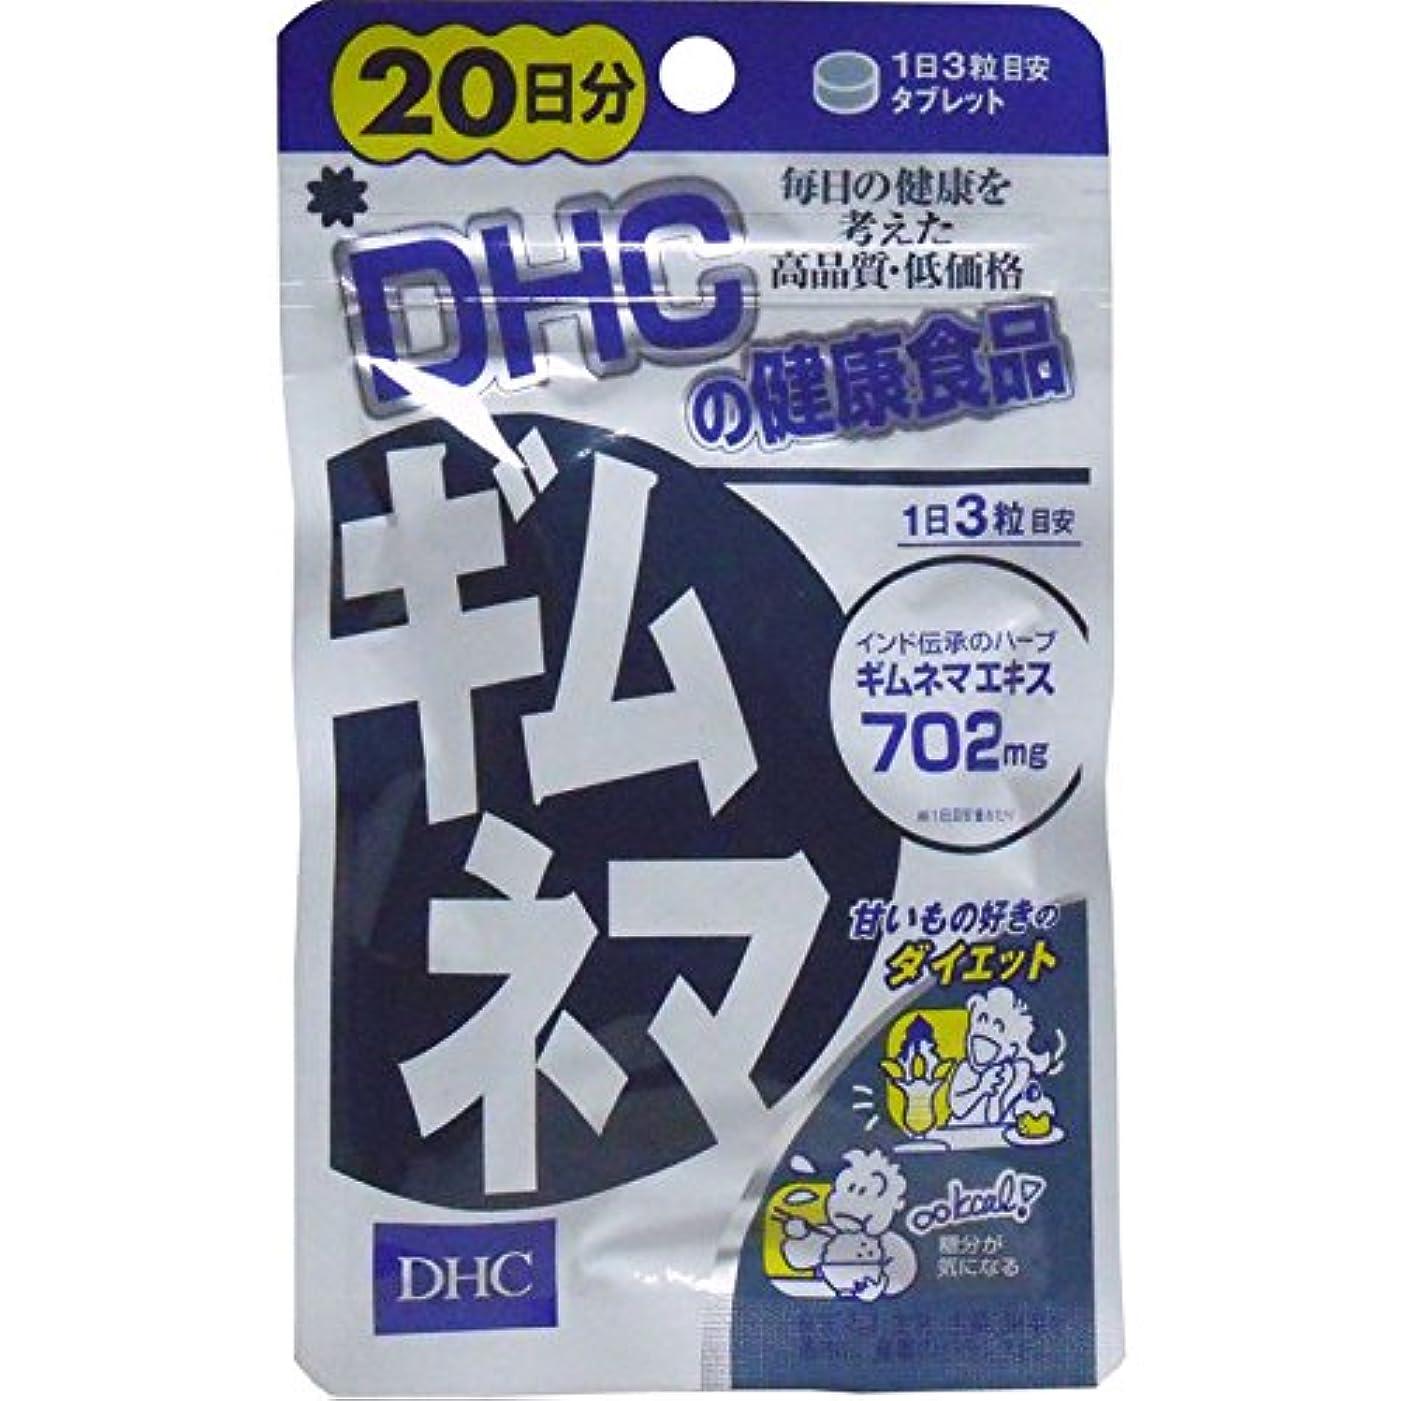 モート嵐のステープル糖分や炭水化物を多く摂る人に DHC ギムネマ 20日分 60粒